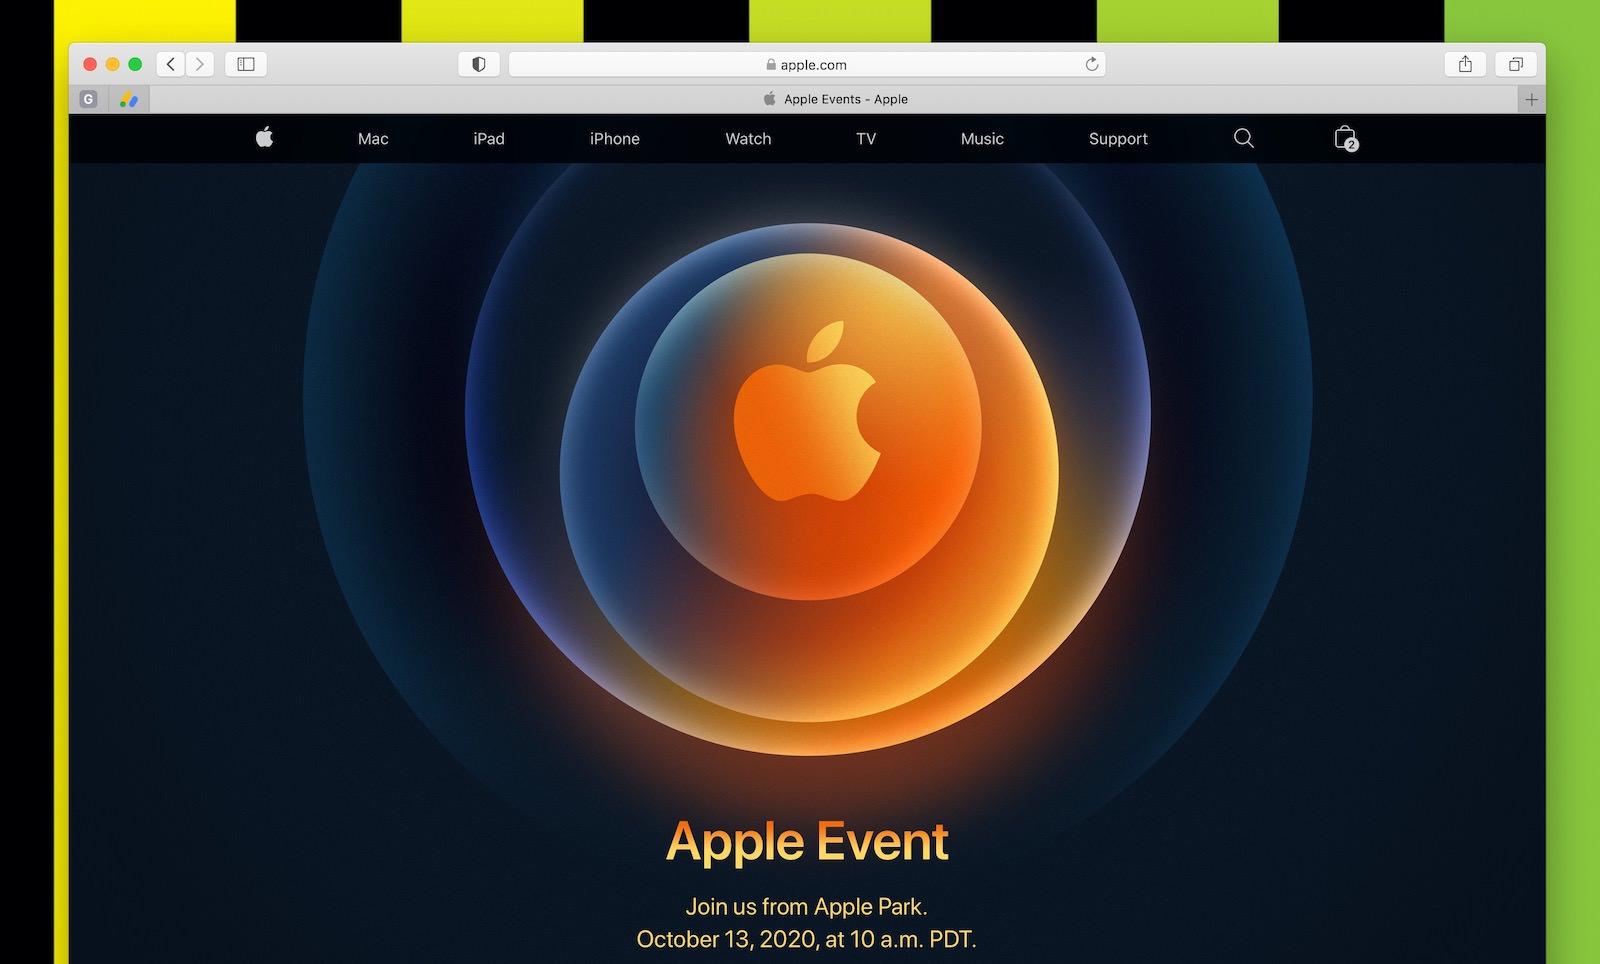 Apple event on safari